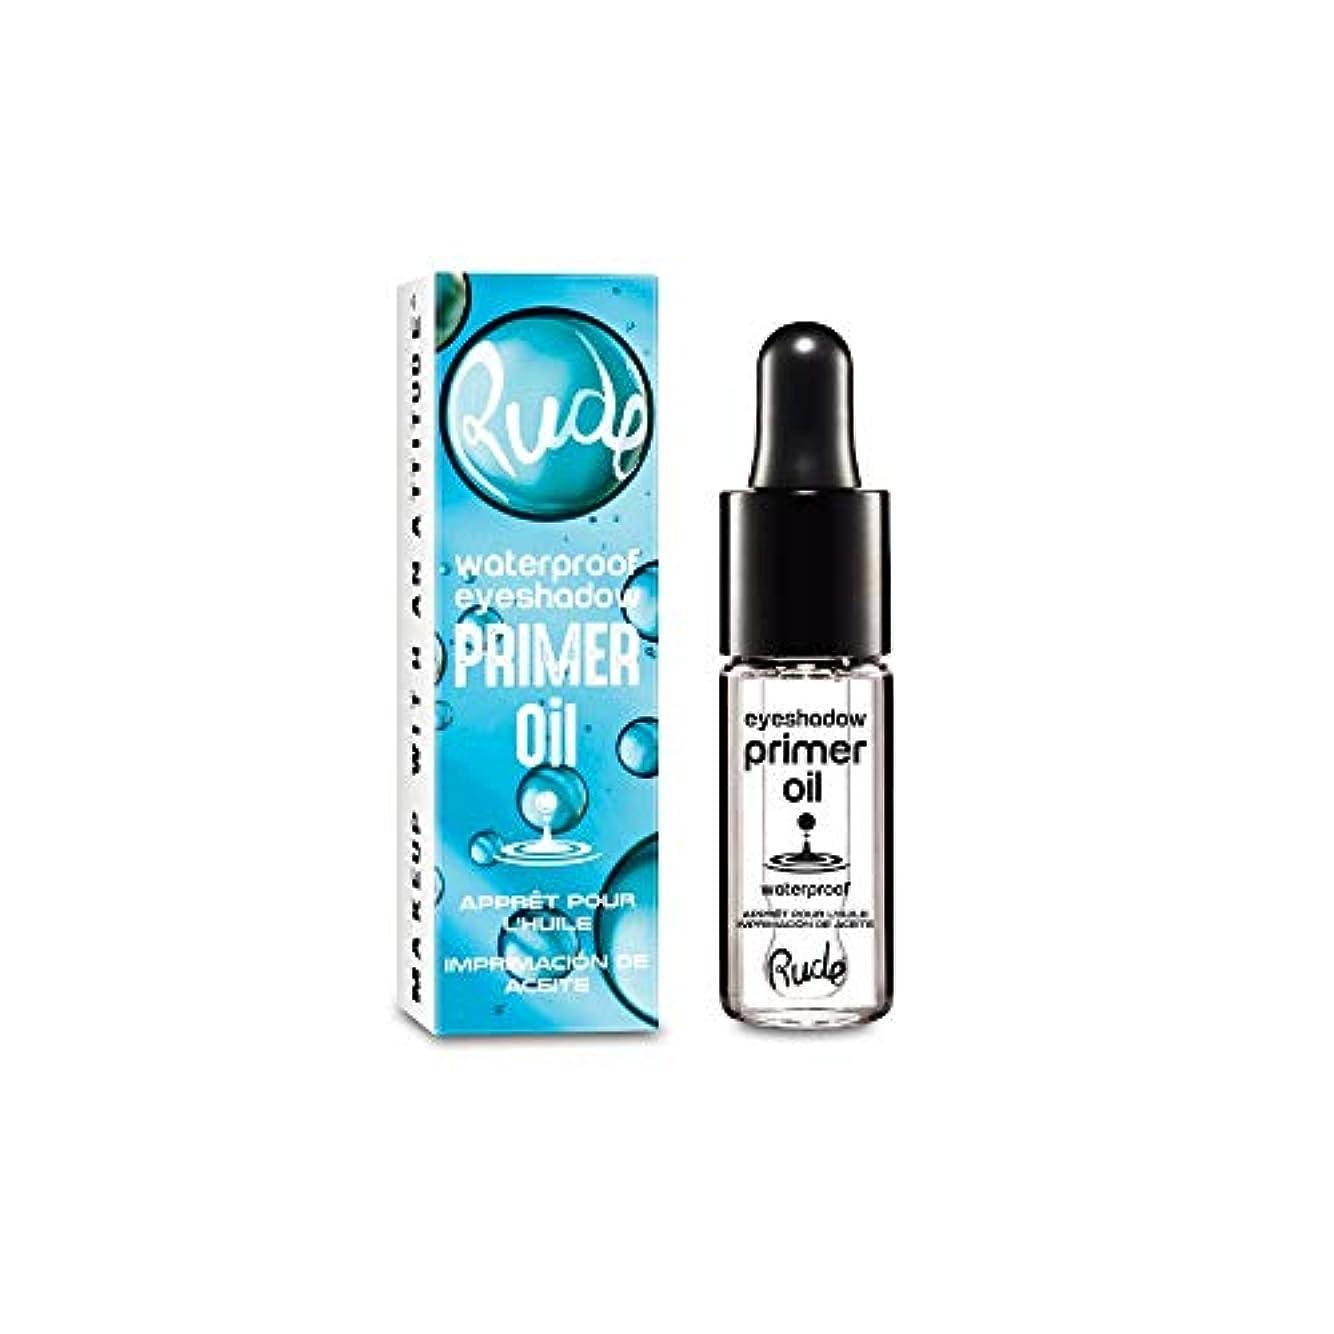 採用テレビほとんどの場合RUDE Waterproof Eyeshadow Primer Oil (並行輸入品)